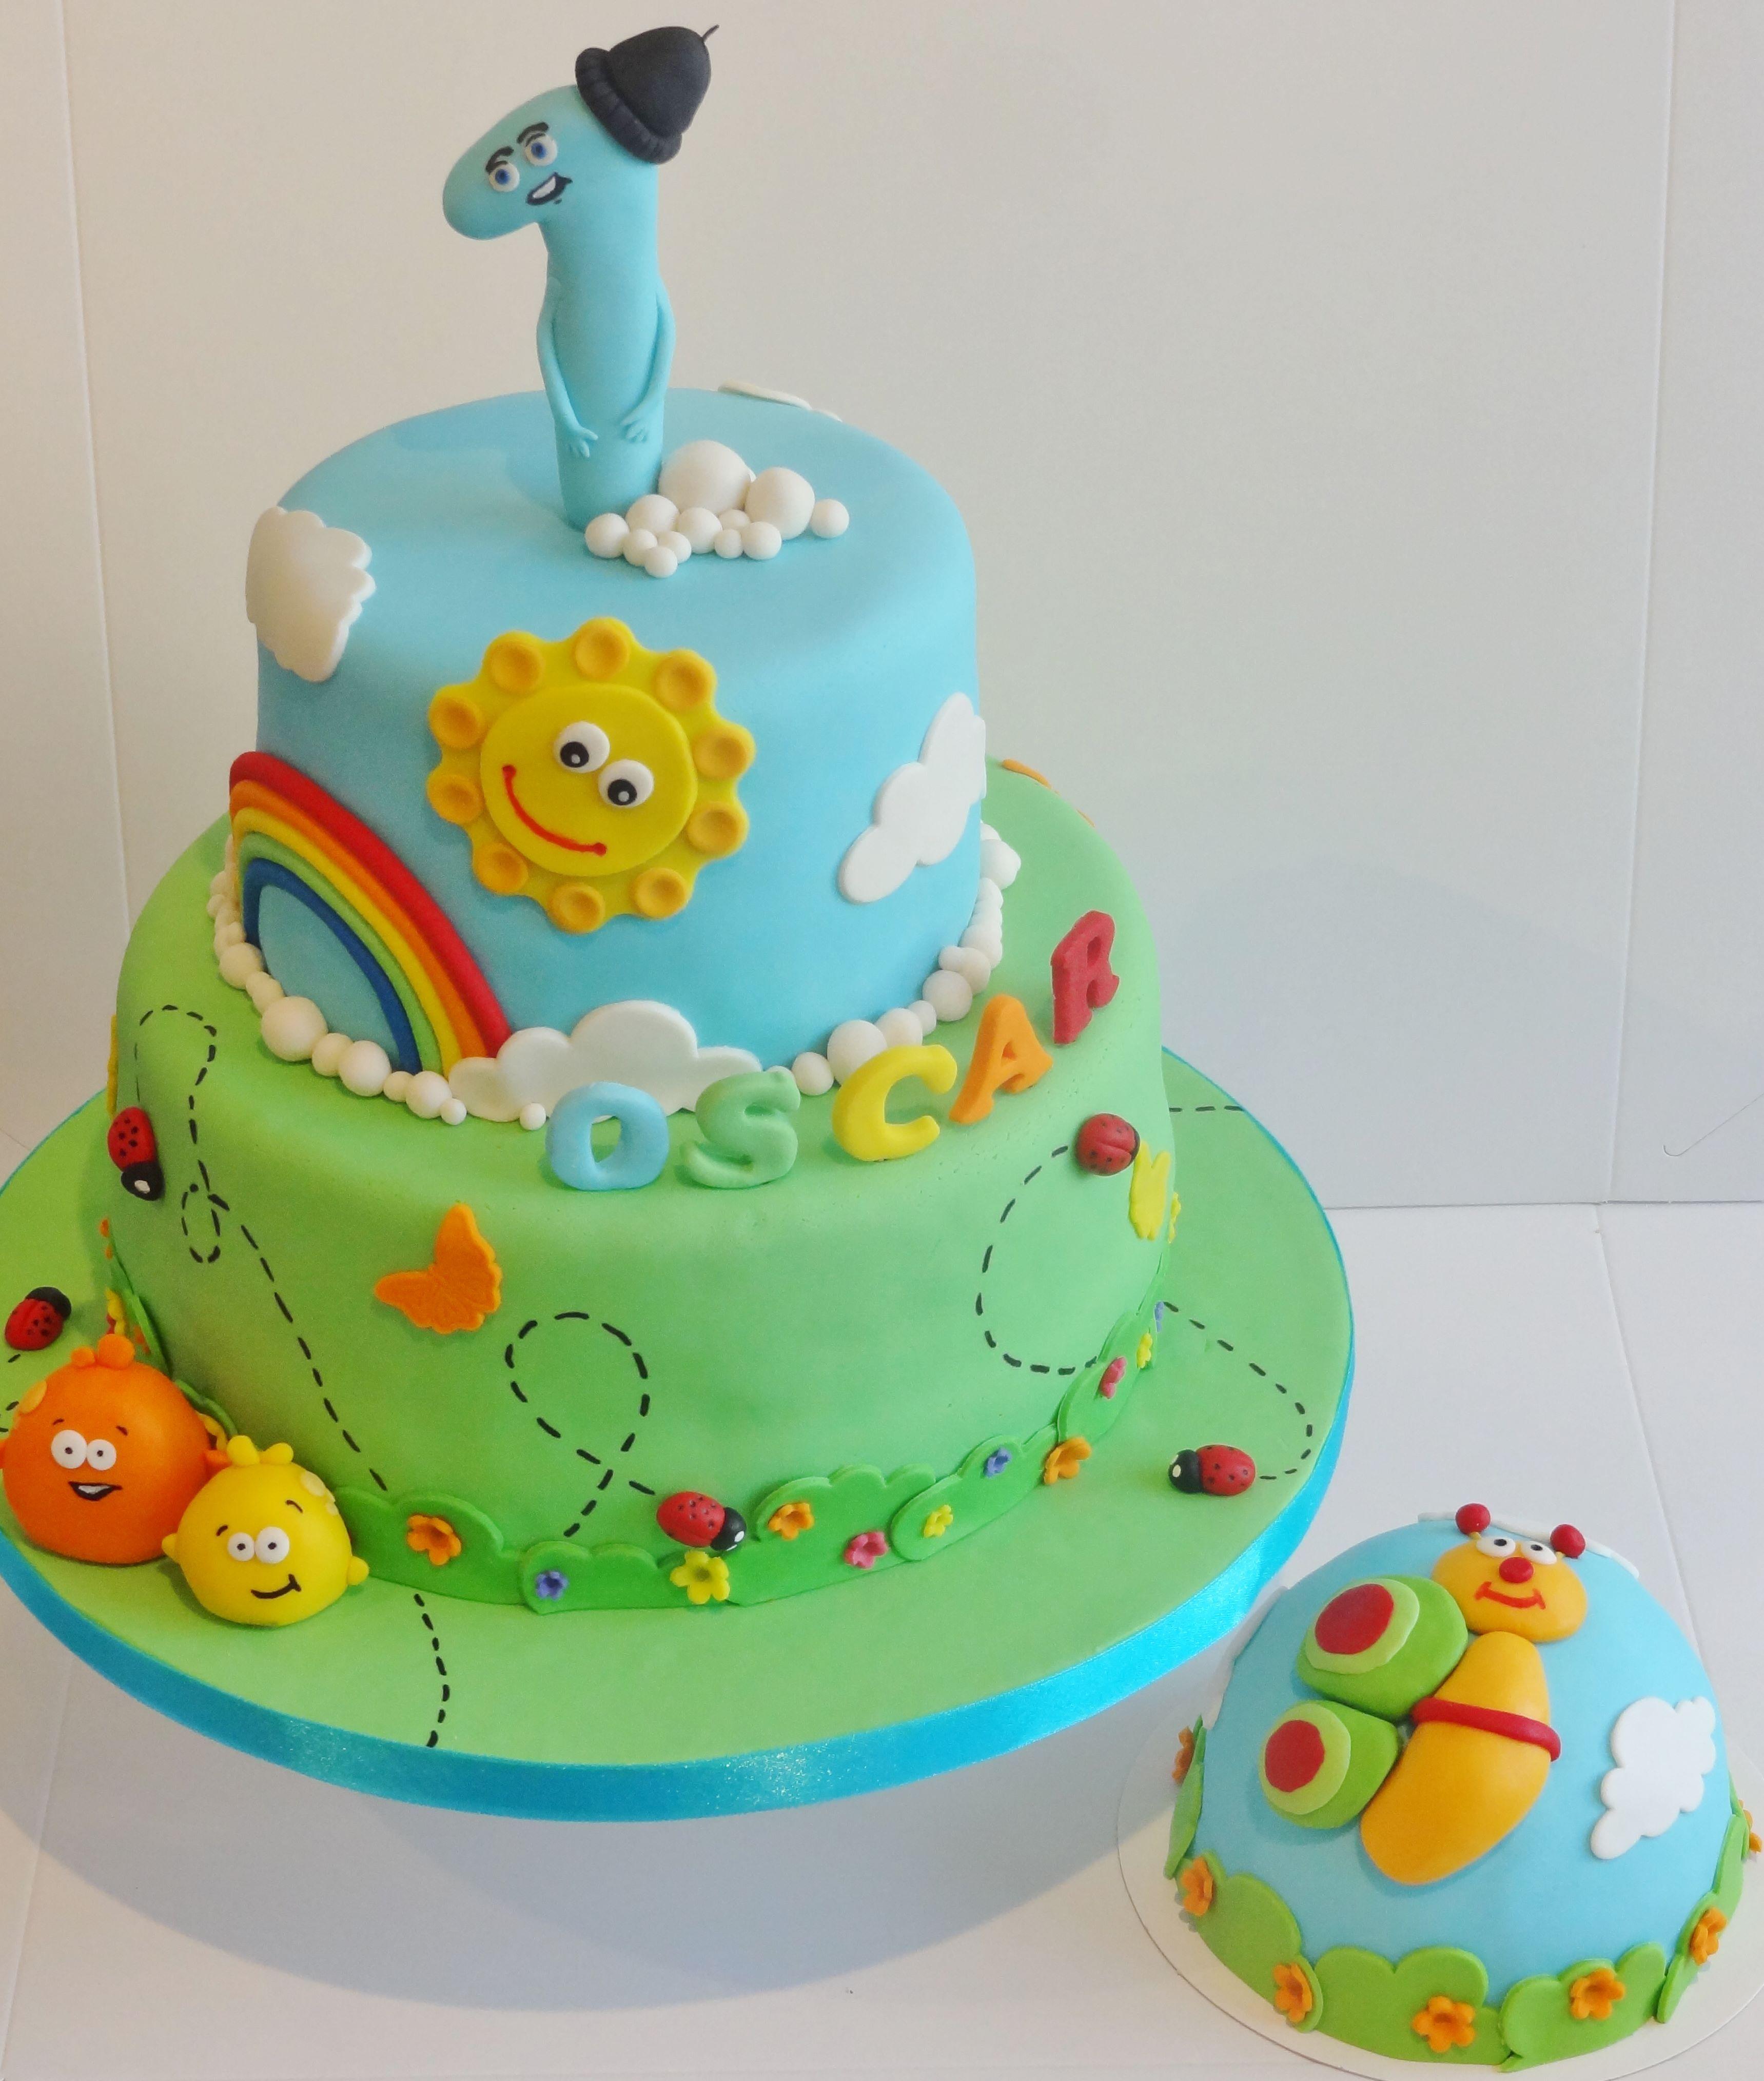 baby tv taart Babytv taart | One year. Party Ideas | Pinterest | TVs, Birthdays  baby tv taart